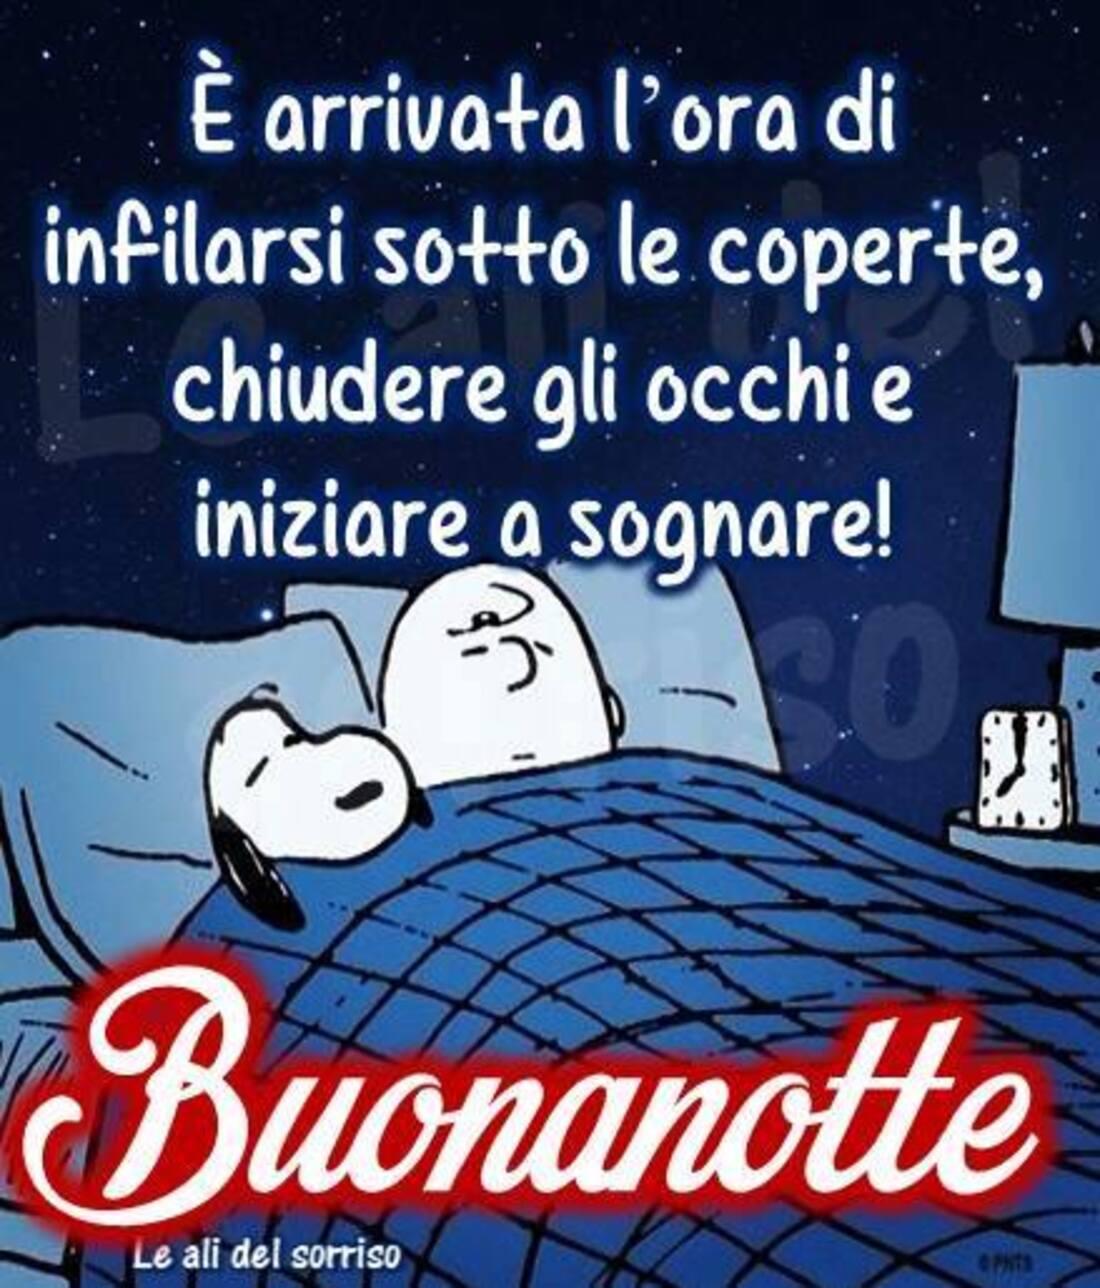 """""""E' arrivata l'ora di mettersi sotto le coperte, chiudere gli occhi e iniziare a sognare! BUONANOTTE""""  - Snoopy"""